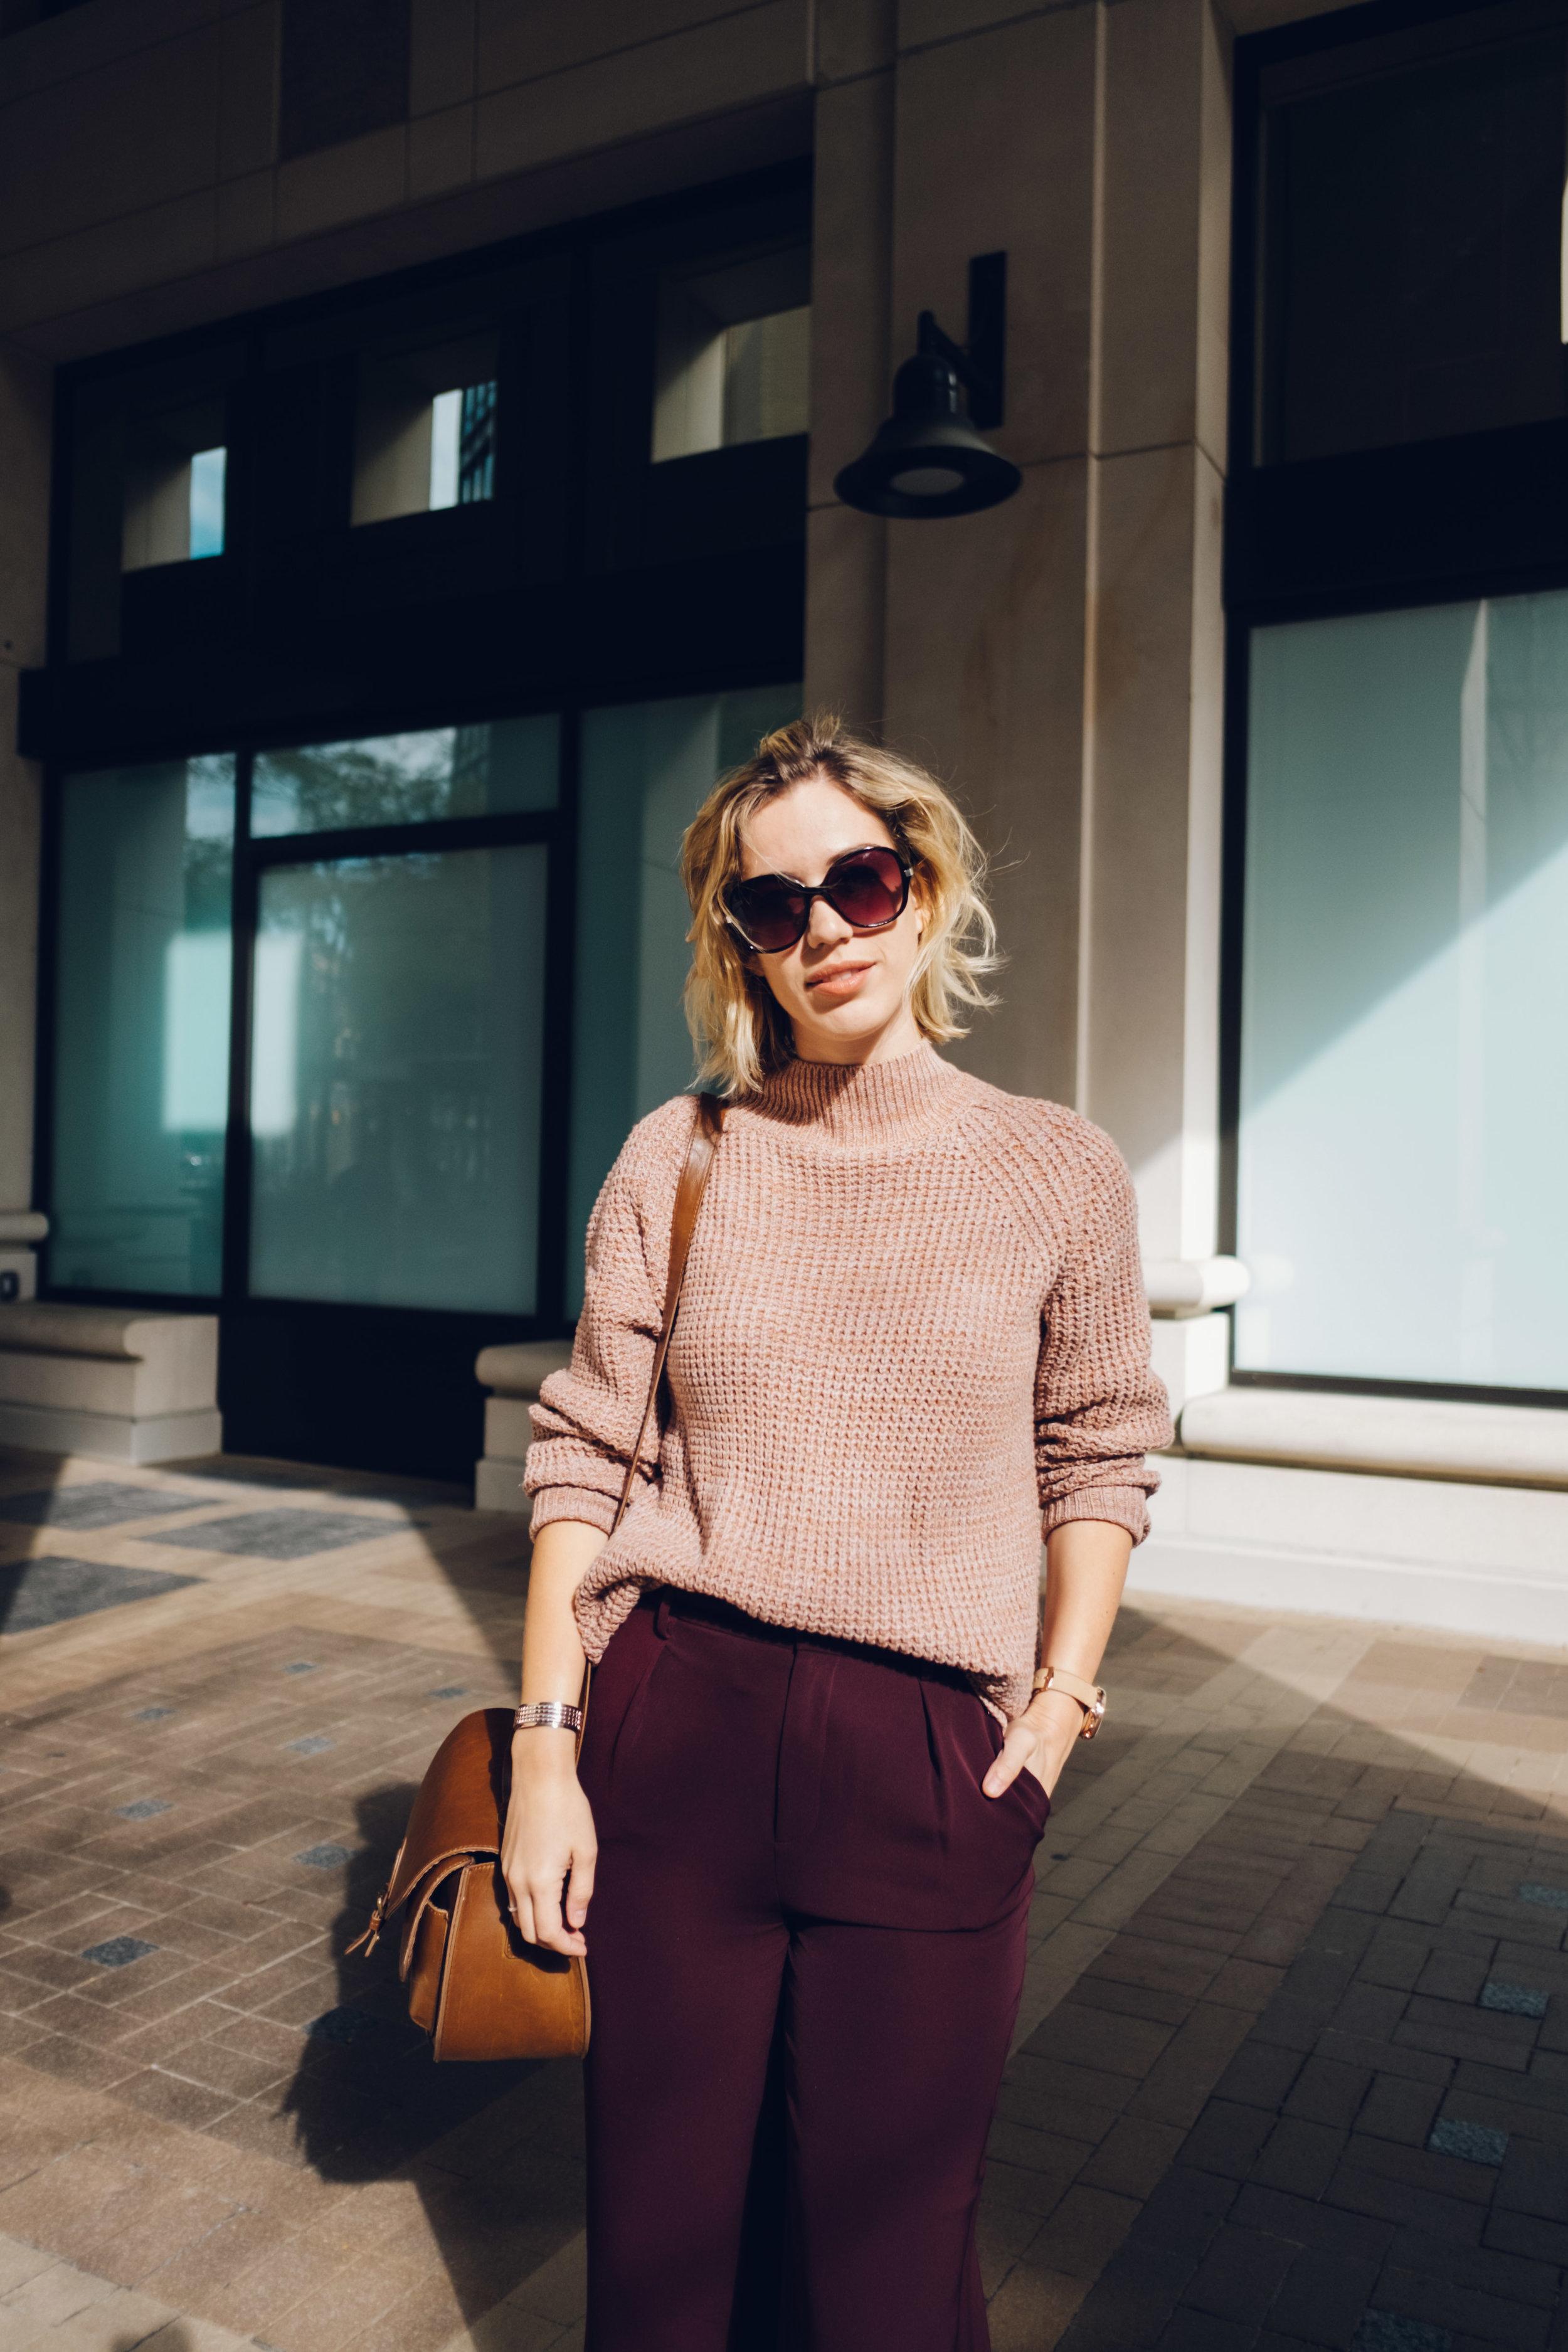 Uniqlo-Culottes-UO-Sweater-10.jpg